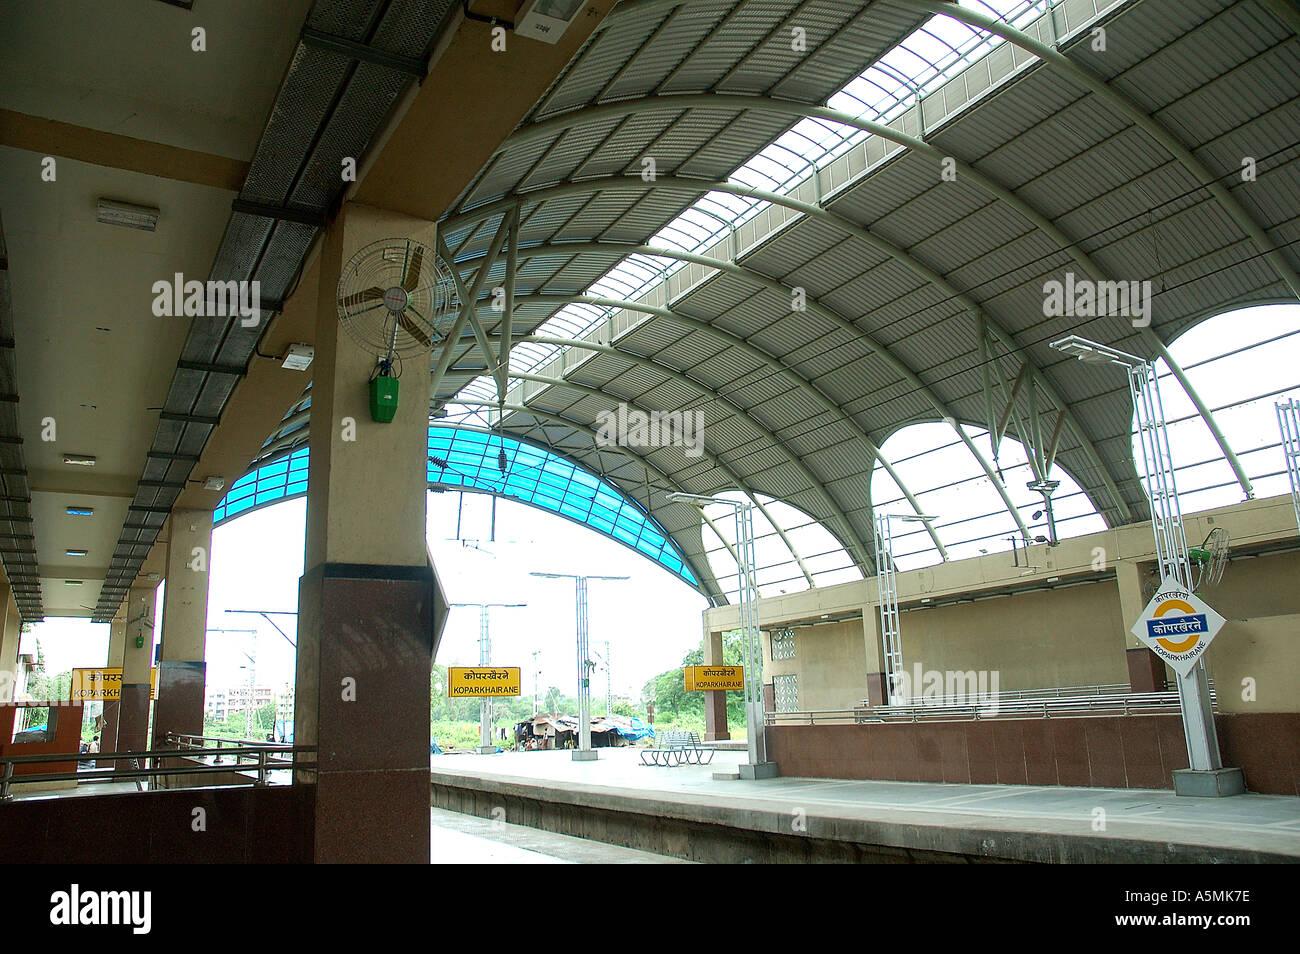 RAJ98892 nouveau moderne de la gare de Koper khairne Vashi Navi Mumbai Maharashtra Inde Bombay Banque D'Images